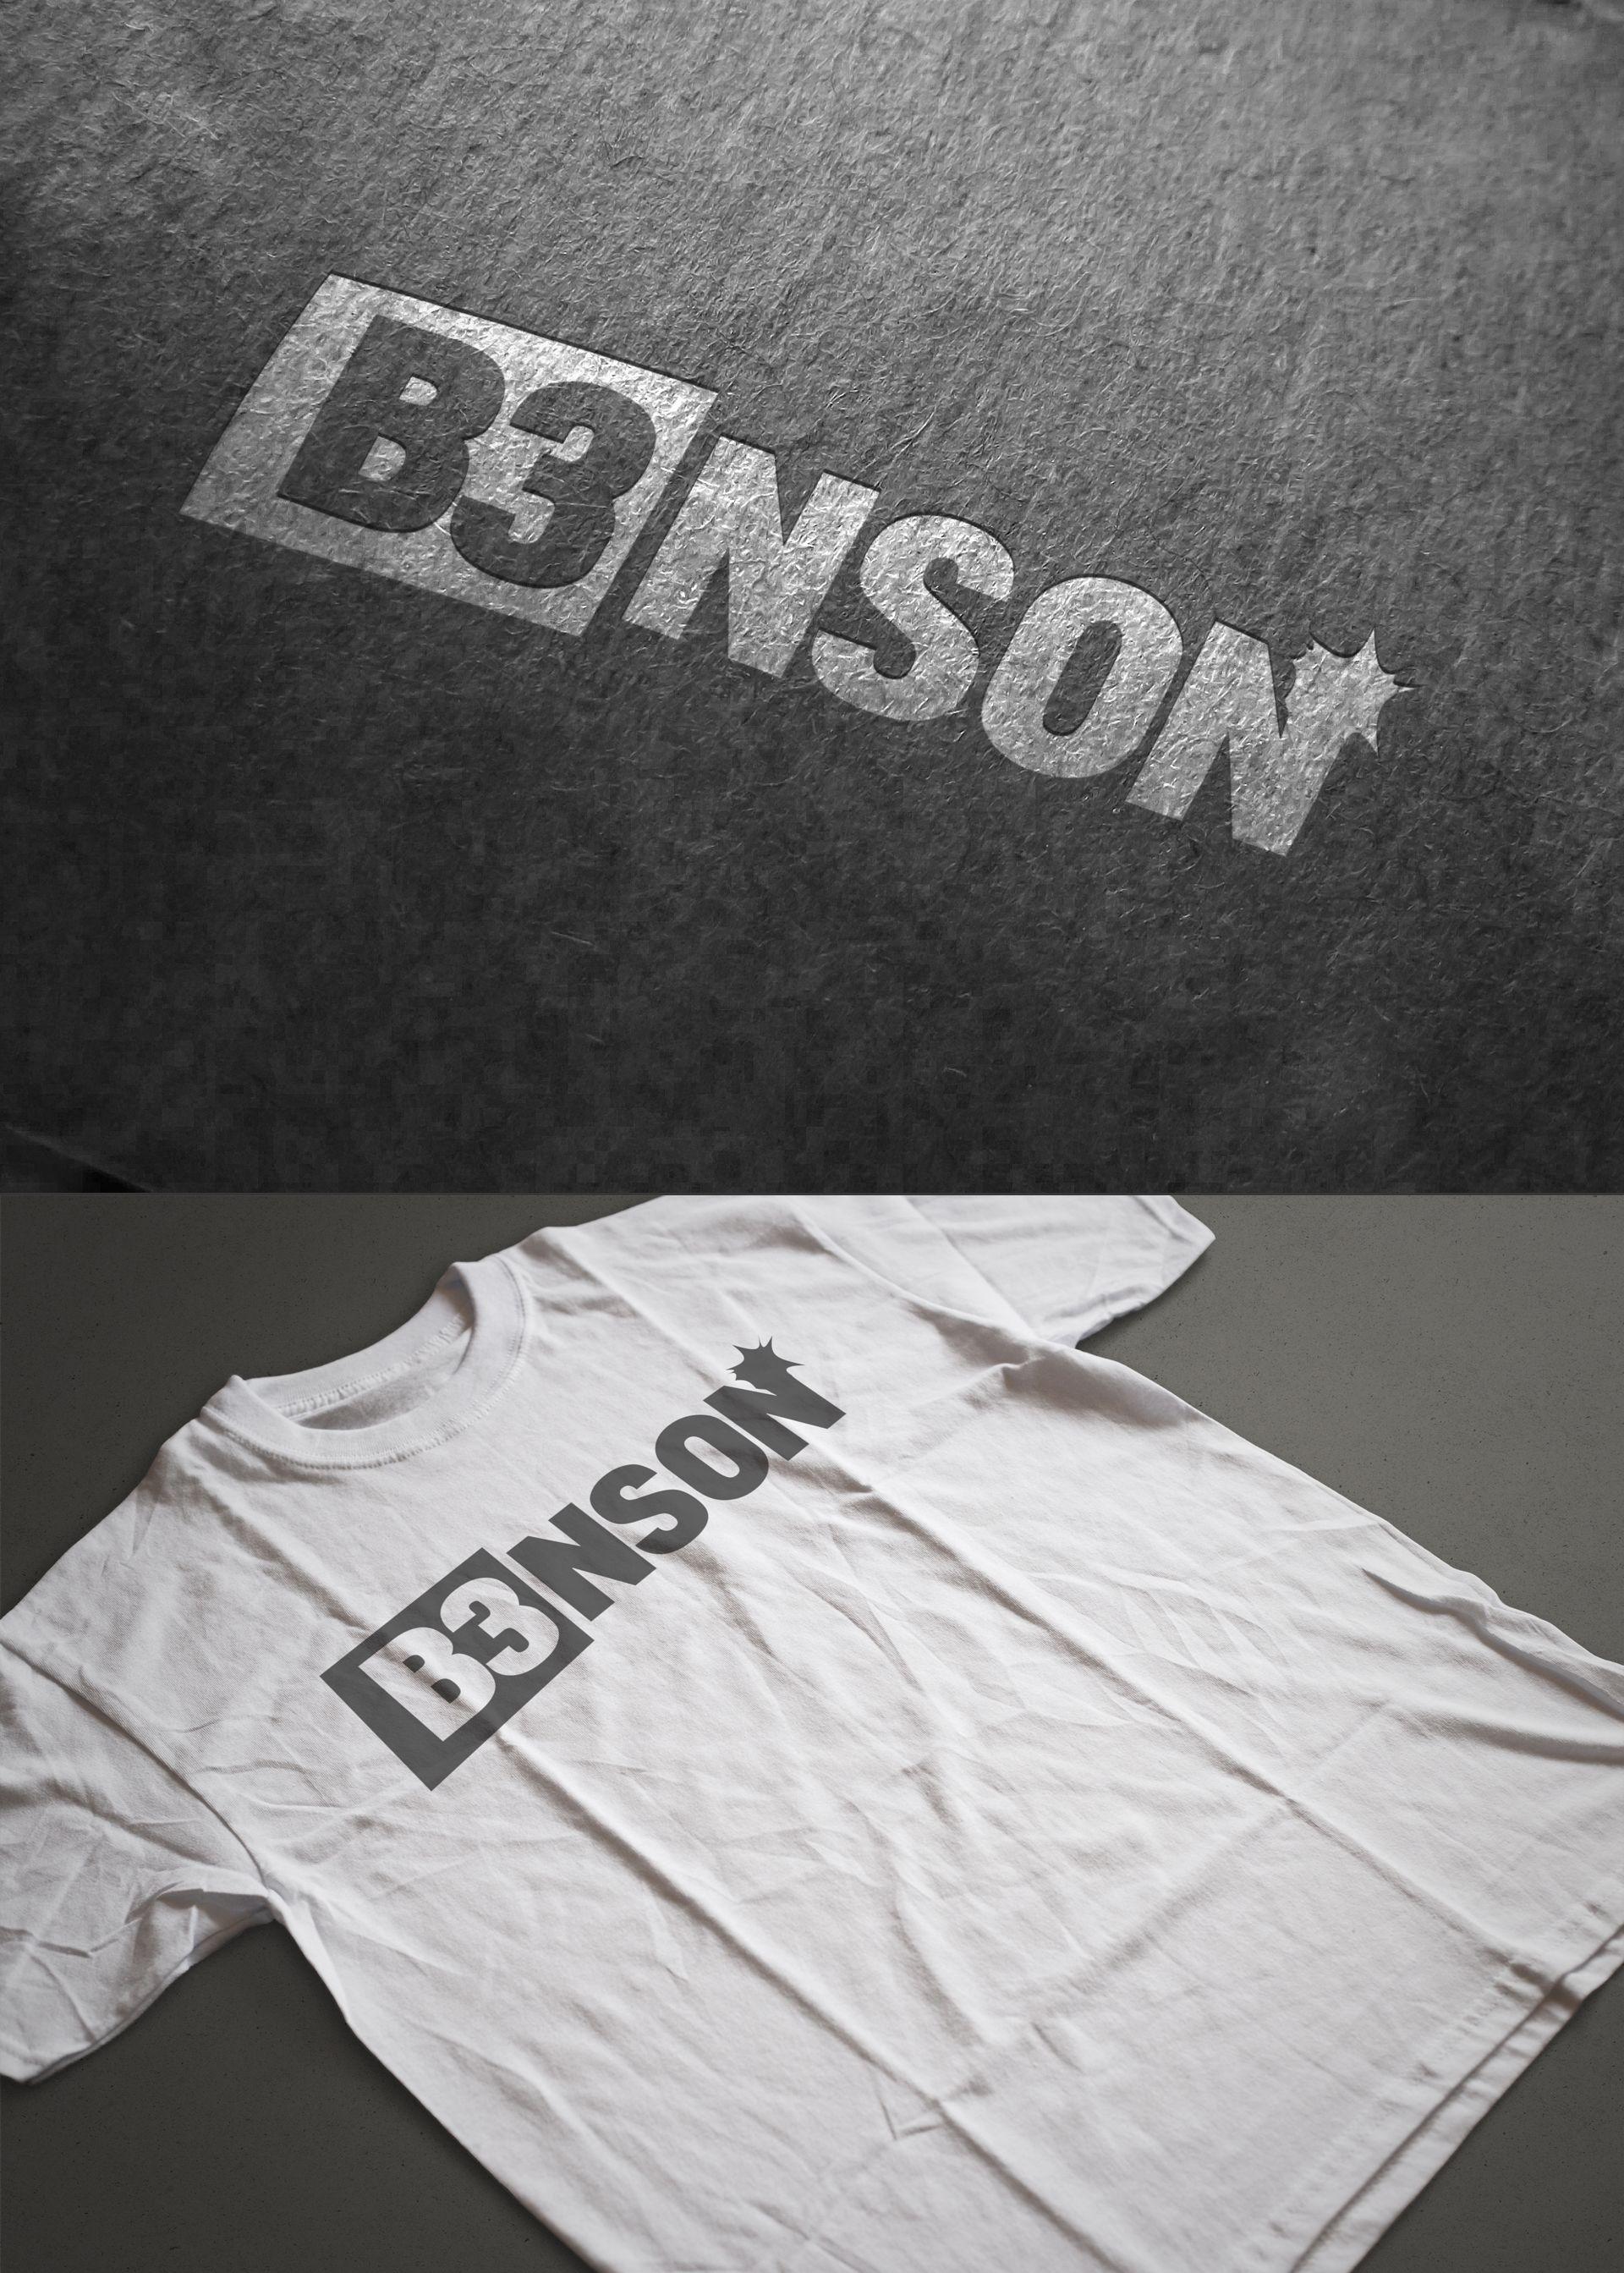 - B3NSON - Logo-Design for a musician. http://bork81.com #brand #logo #vector #dj #bork81 #sebastianbork #illustrator